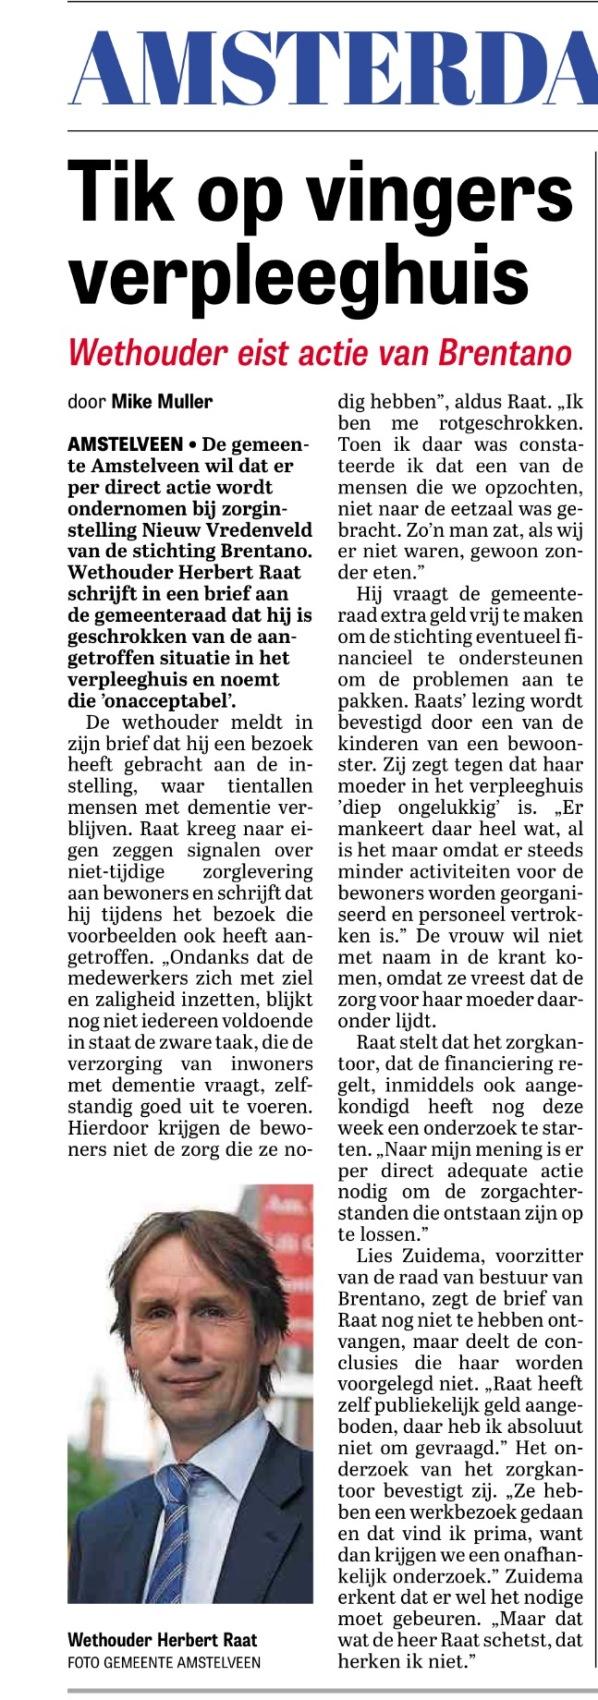 Telegraaf-2017-7-3 situatie Nieuw Vredeveld Brentano door Mike Muller